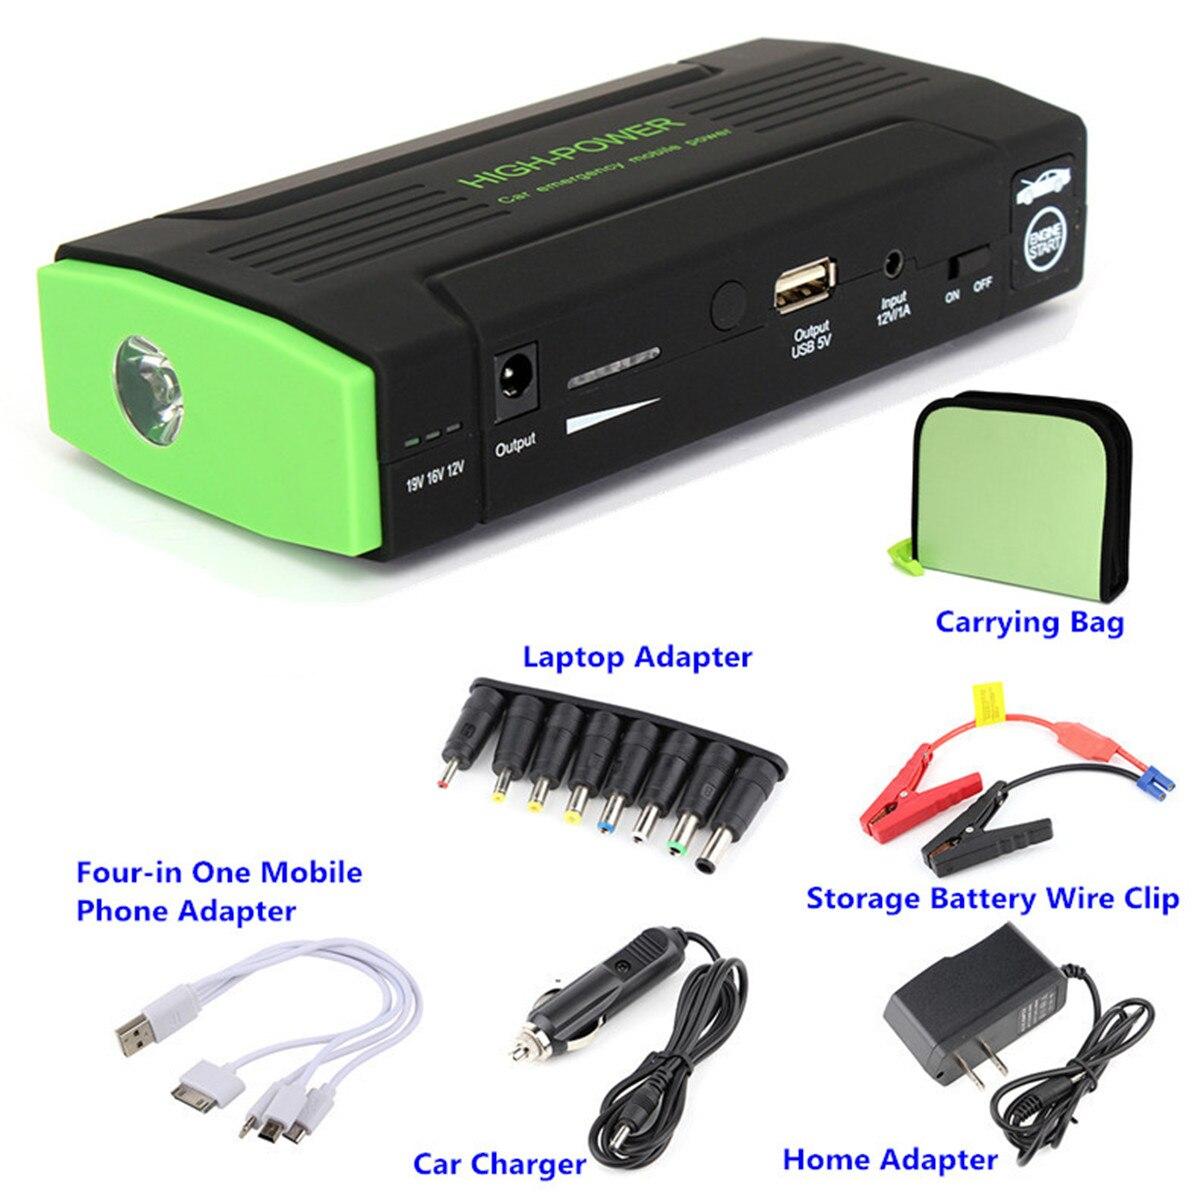 Démarreur de saut multifonction 30000 mAh 12 V/16 V/19 V 400A Portable batterie externe chargeur de voiture chargeur de démarrage